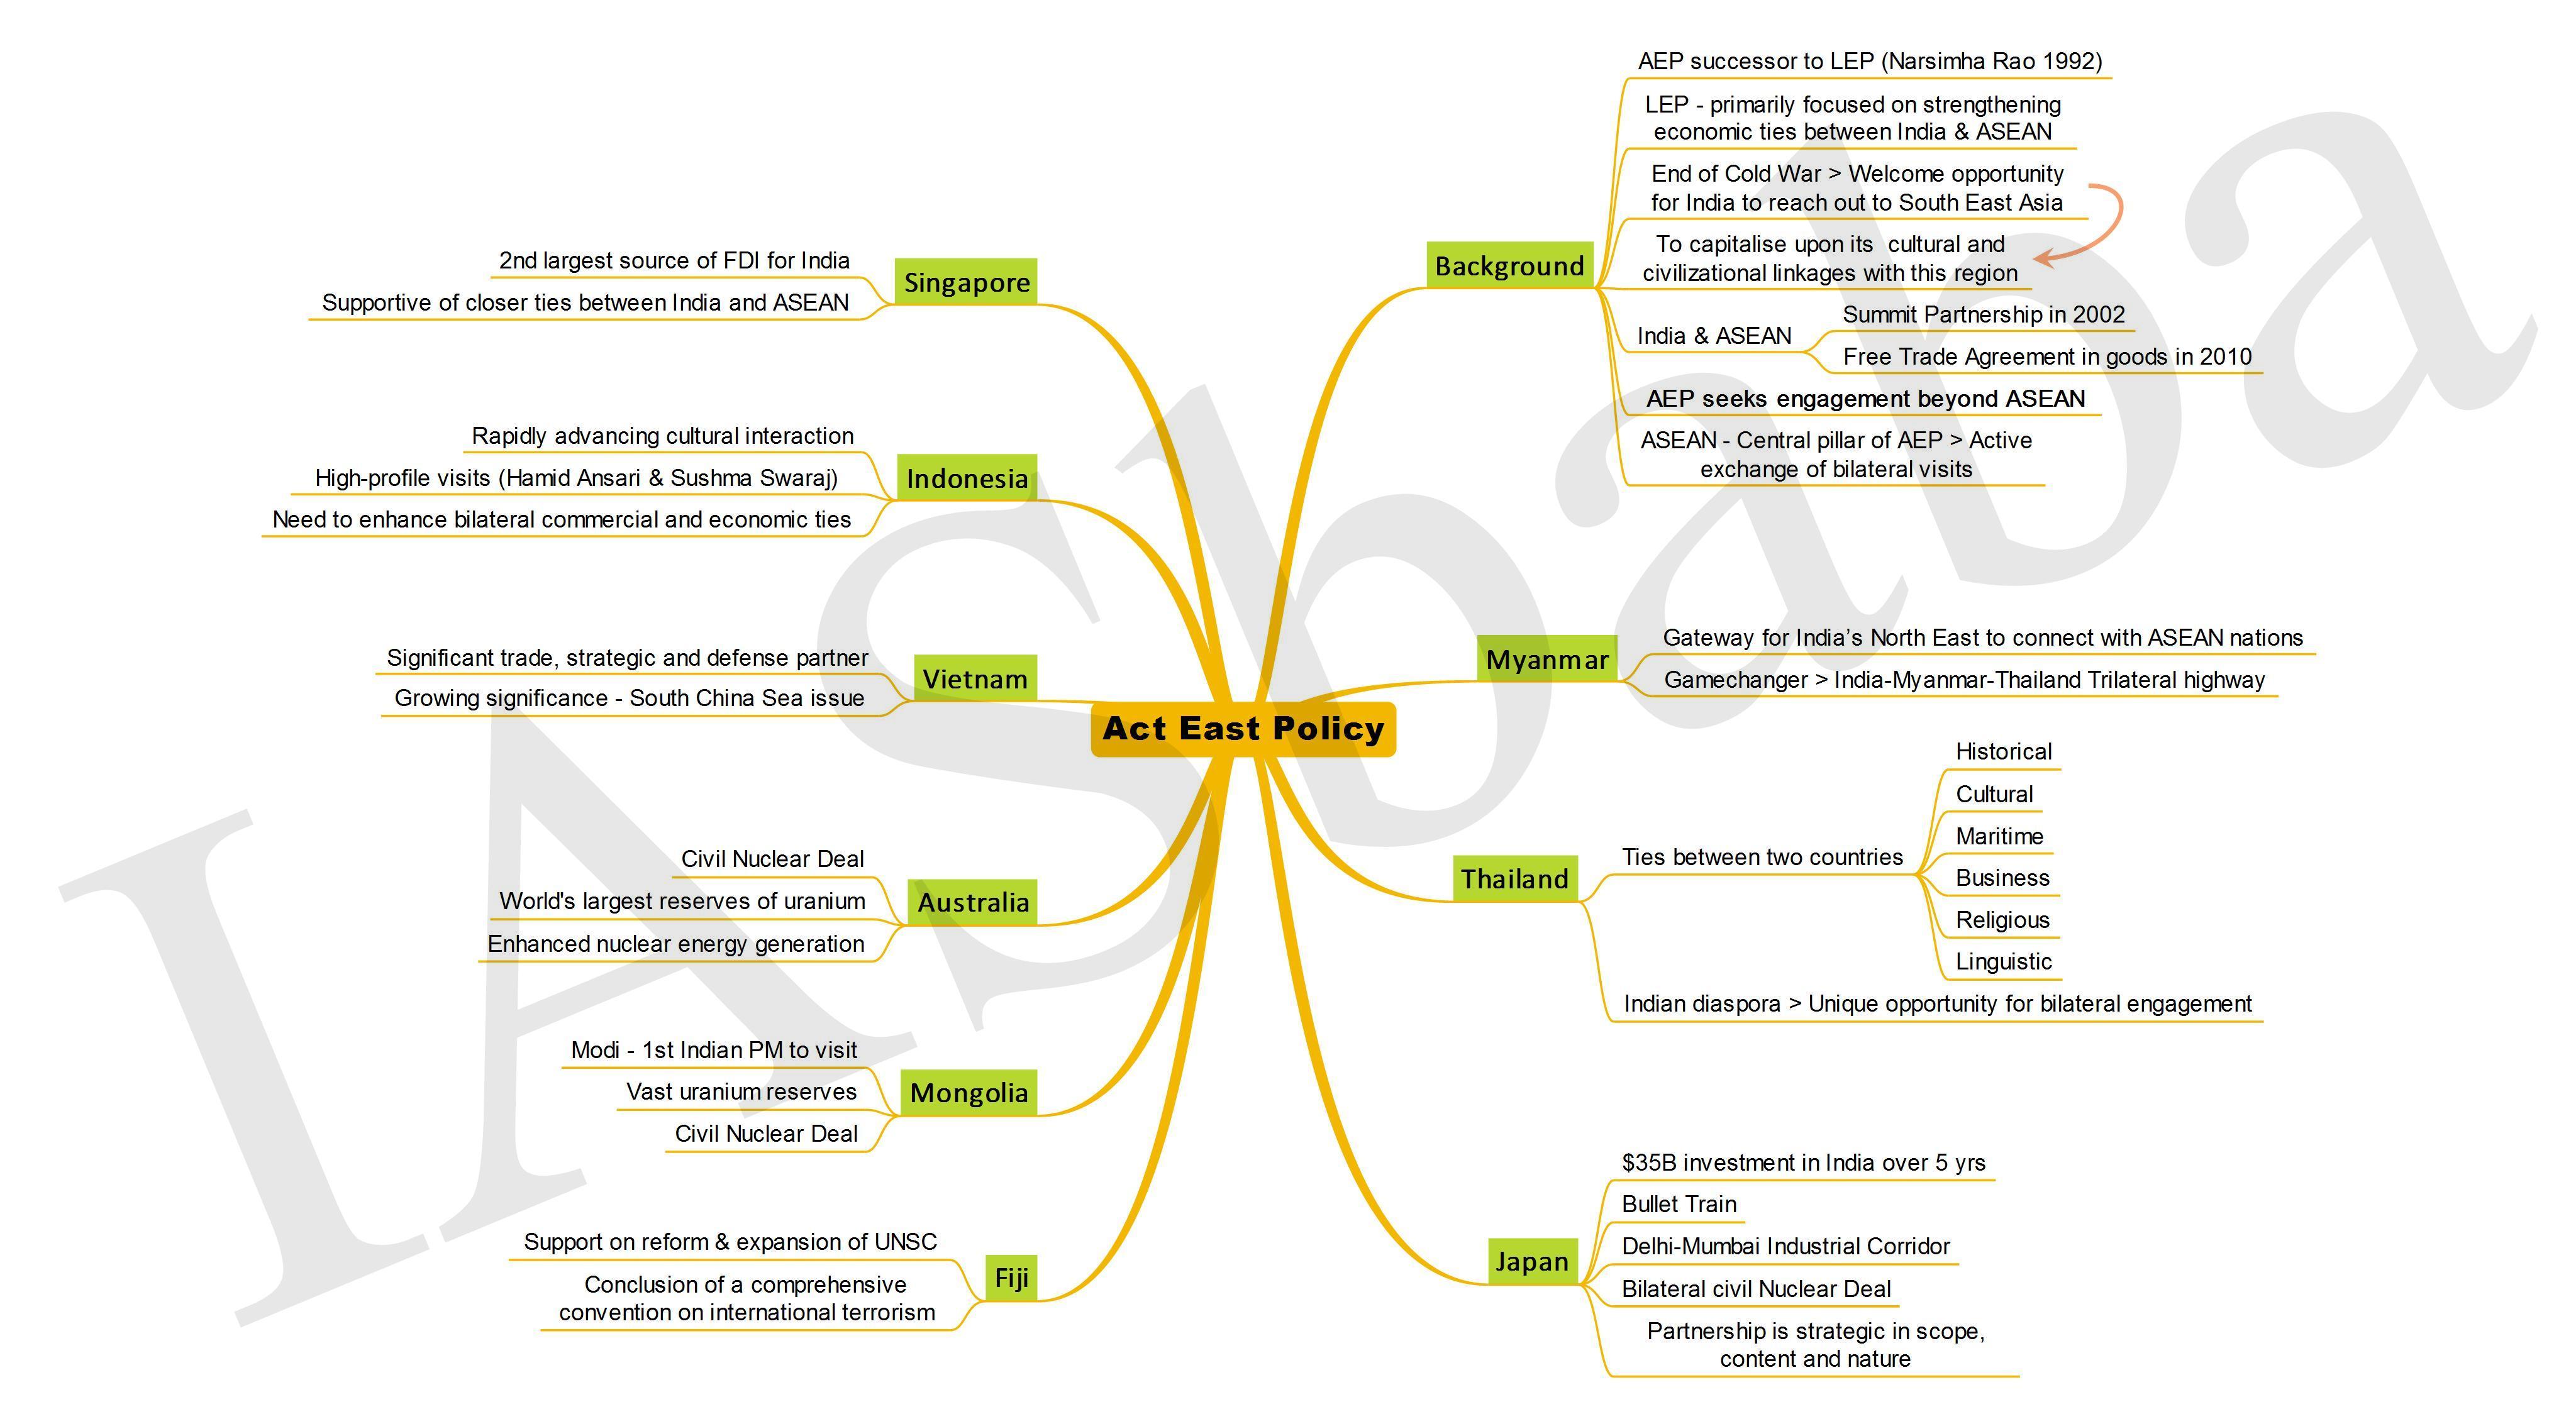 Act East Policy IASbaba